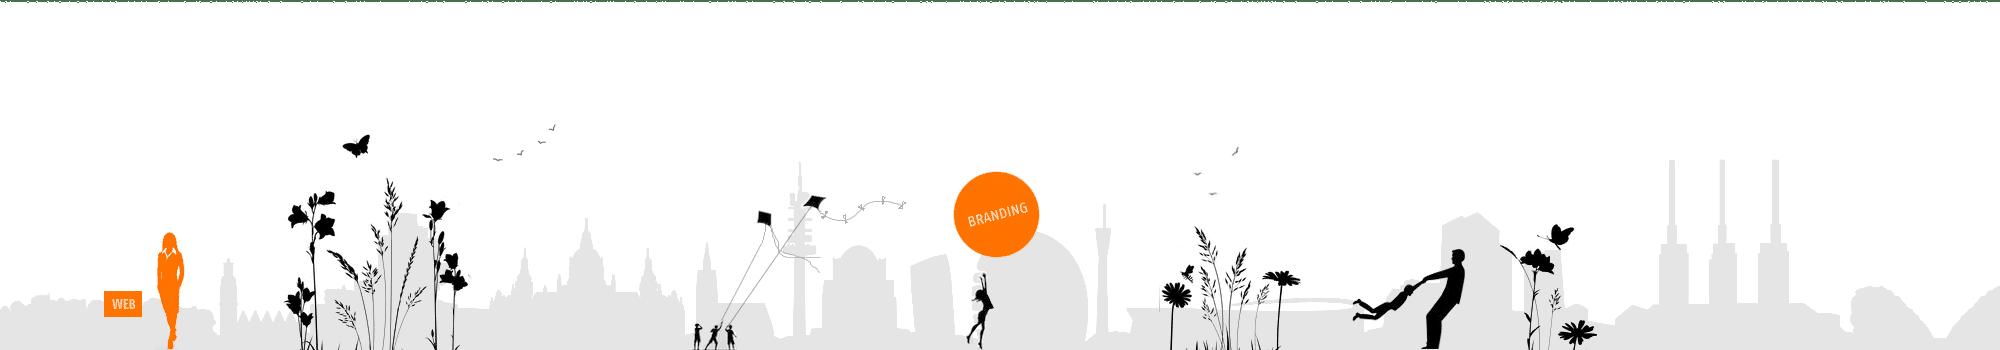 Erfolg gestalten - Die Kreativagentur der Webdesignerin / Grafikerin Claudia Germer aus Hannover steht für hochwertiges Kommunikationsdesign. Die Schwerpunkte der Designerin sind: Branding und Marketing orientiertes Webdesign